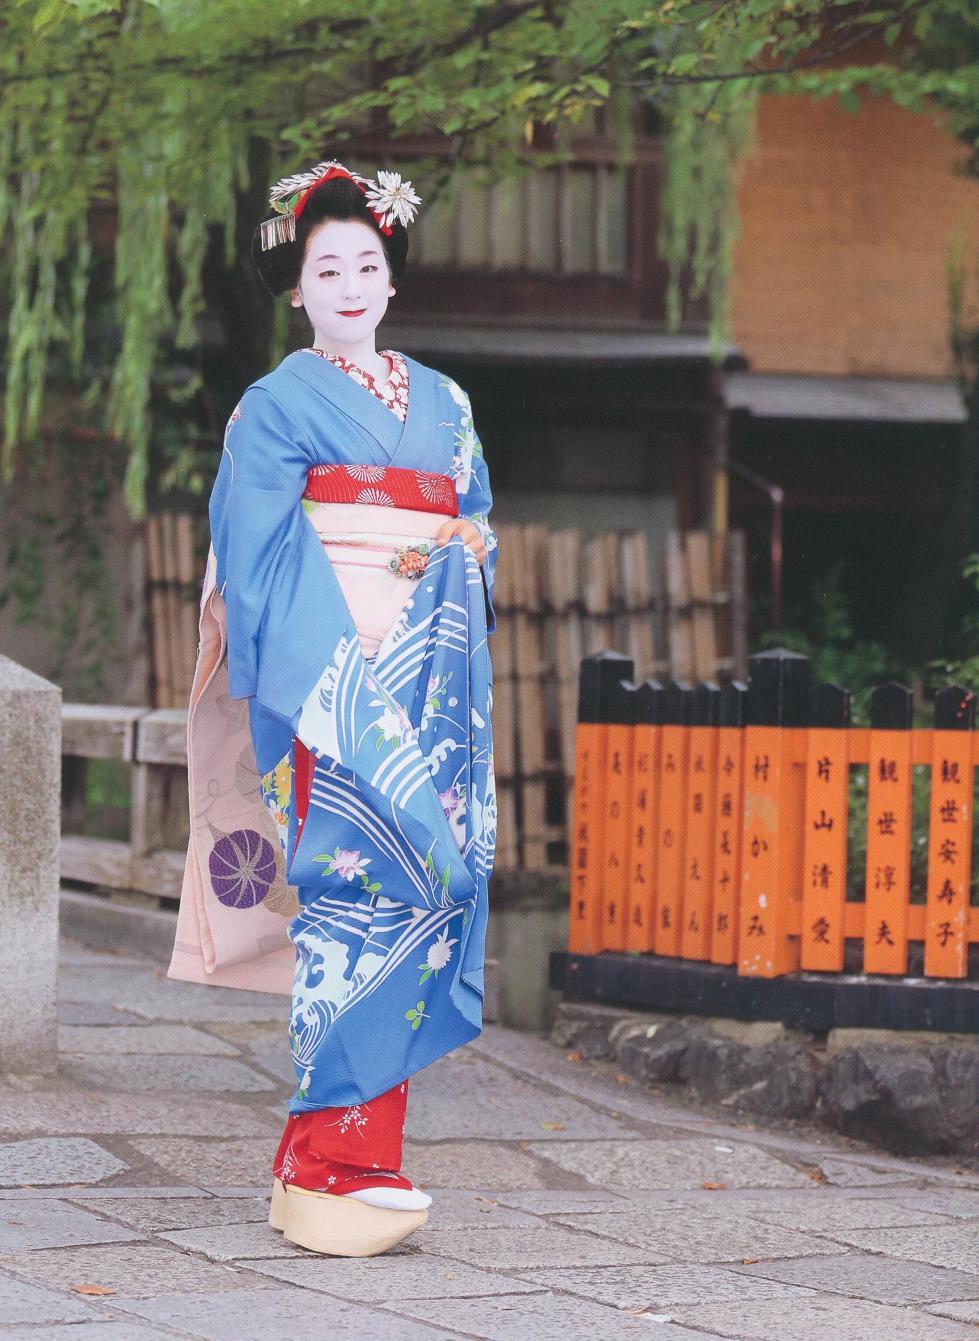 メドベージュワ選手の舞妓姿を見ると思い出す浅田真央ちゃんの舞妓さん姿にうっとり